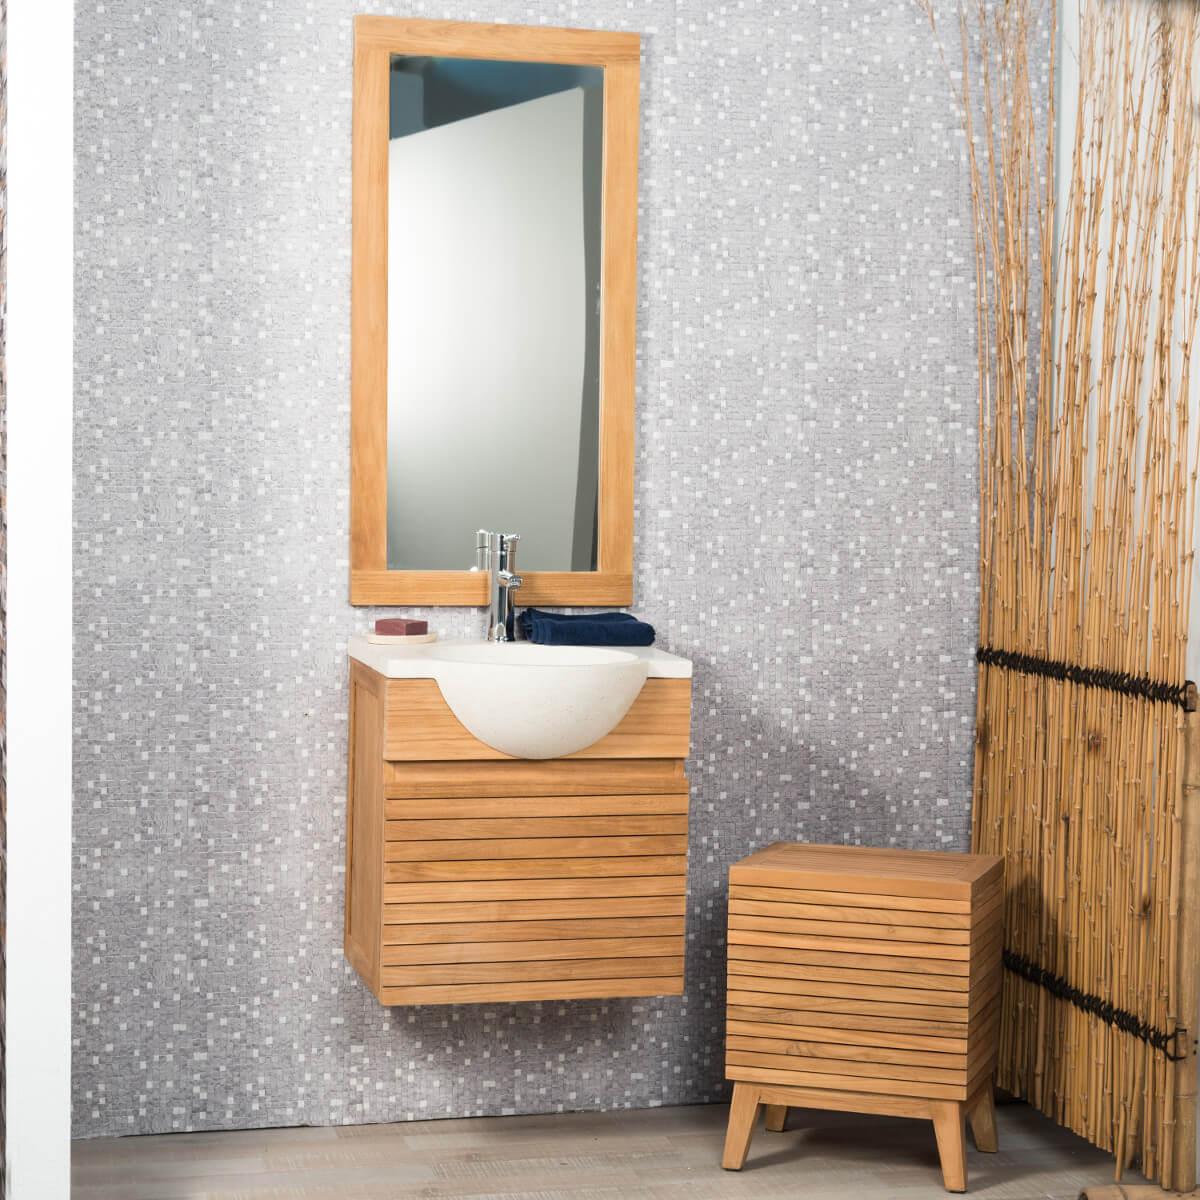 Miroir salle de bain 100x50 for Miroir salle de bain 50